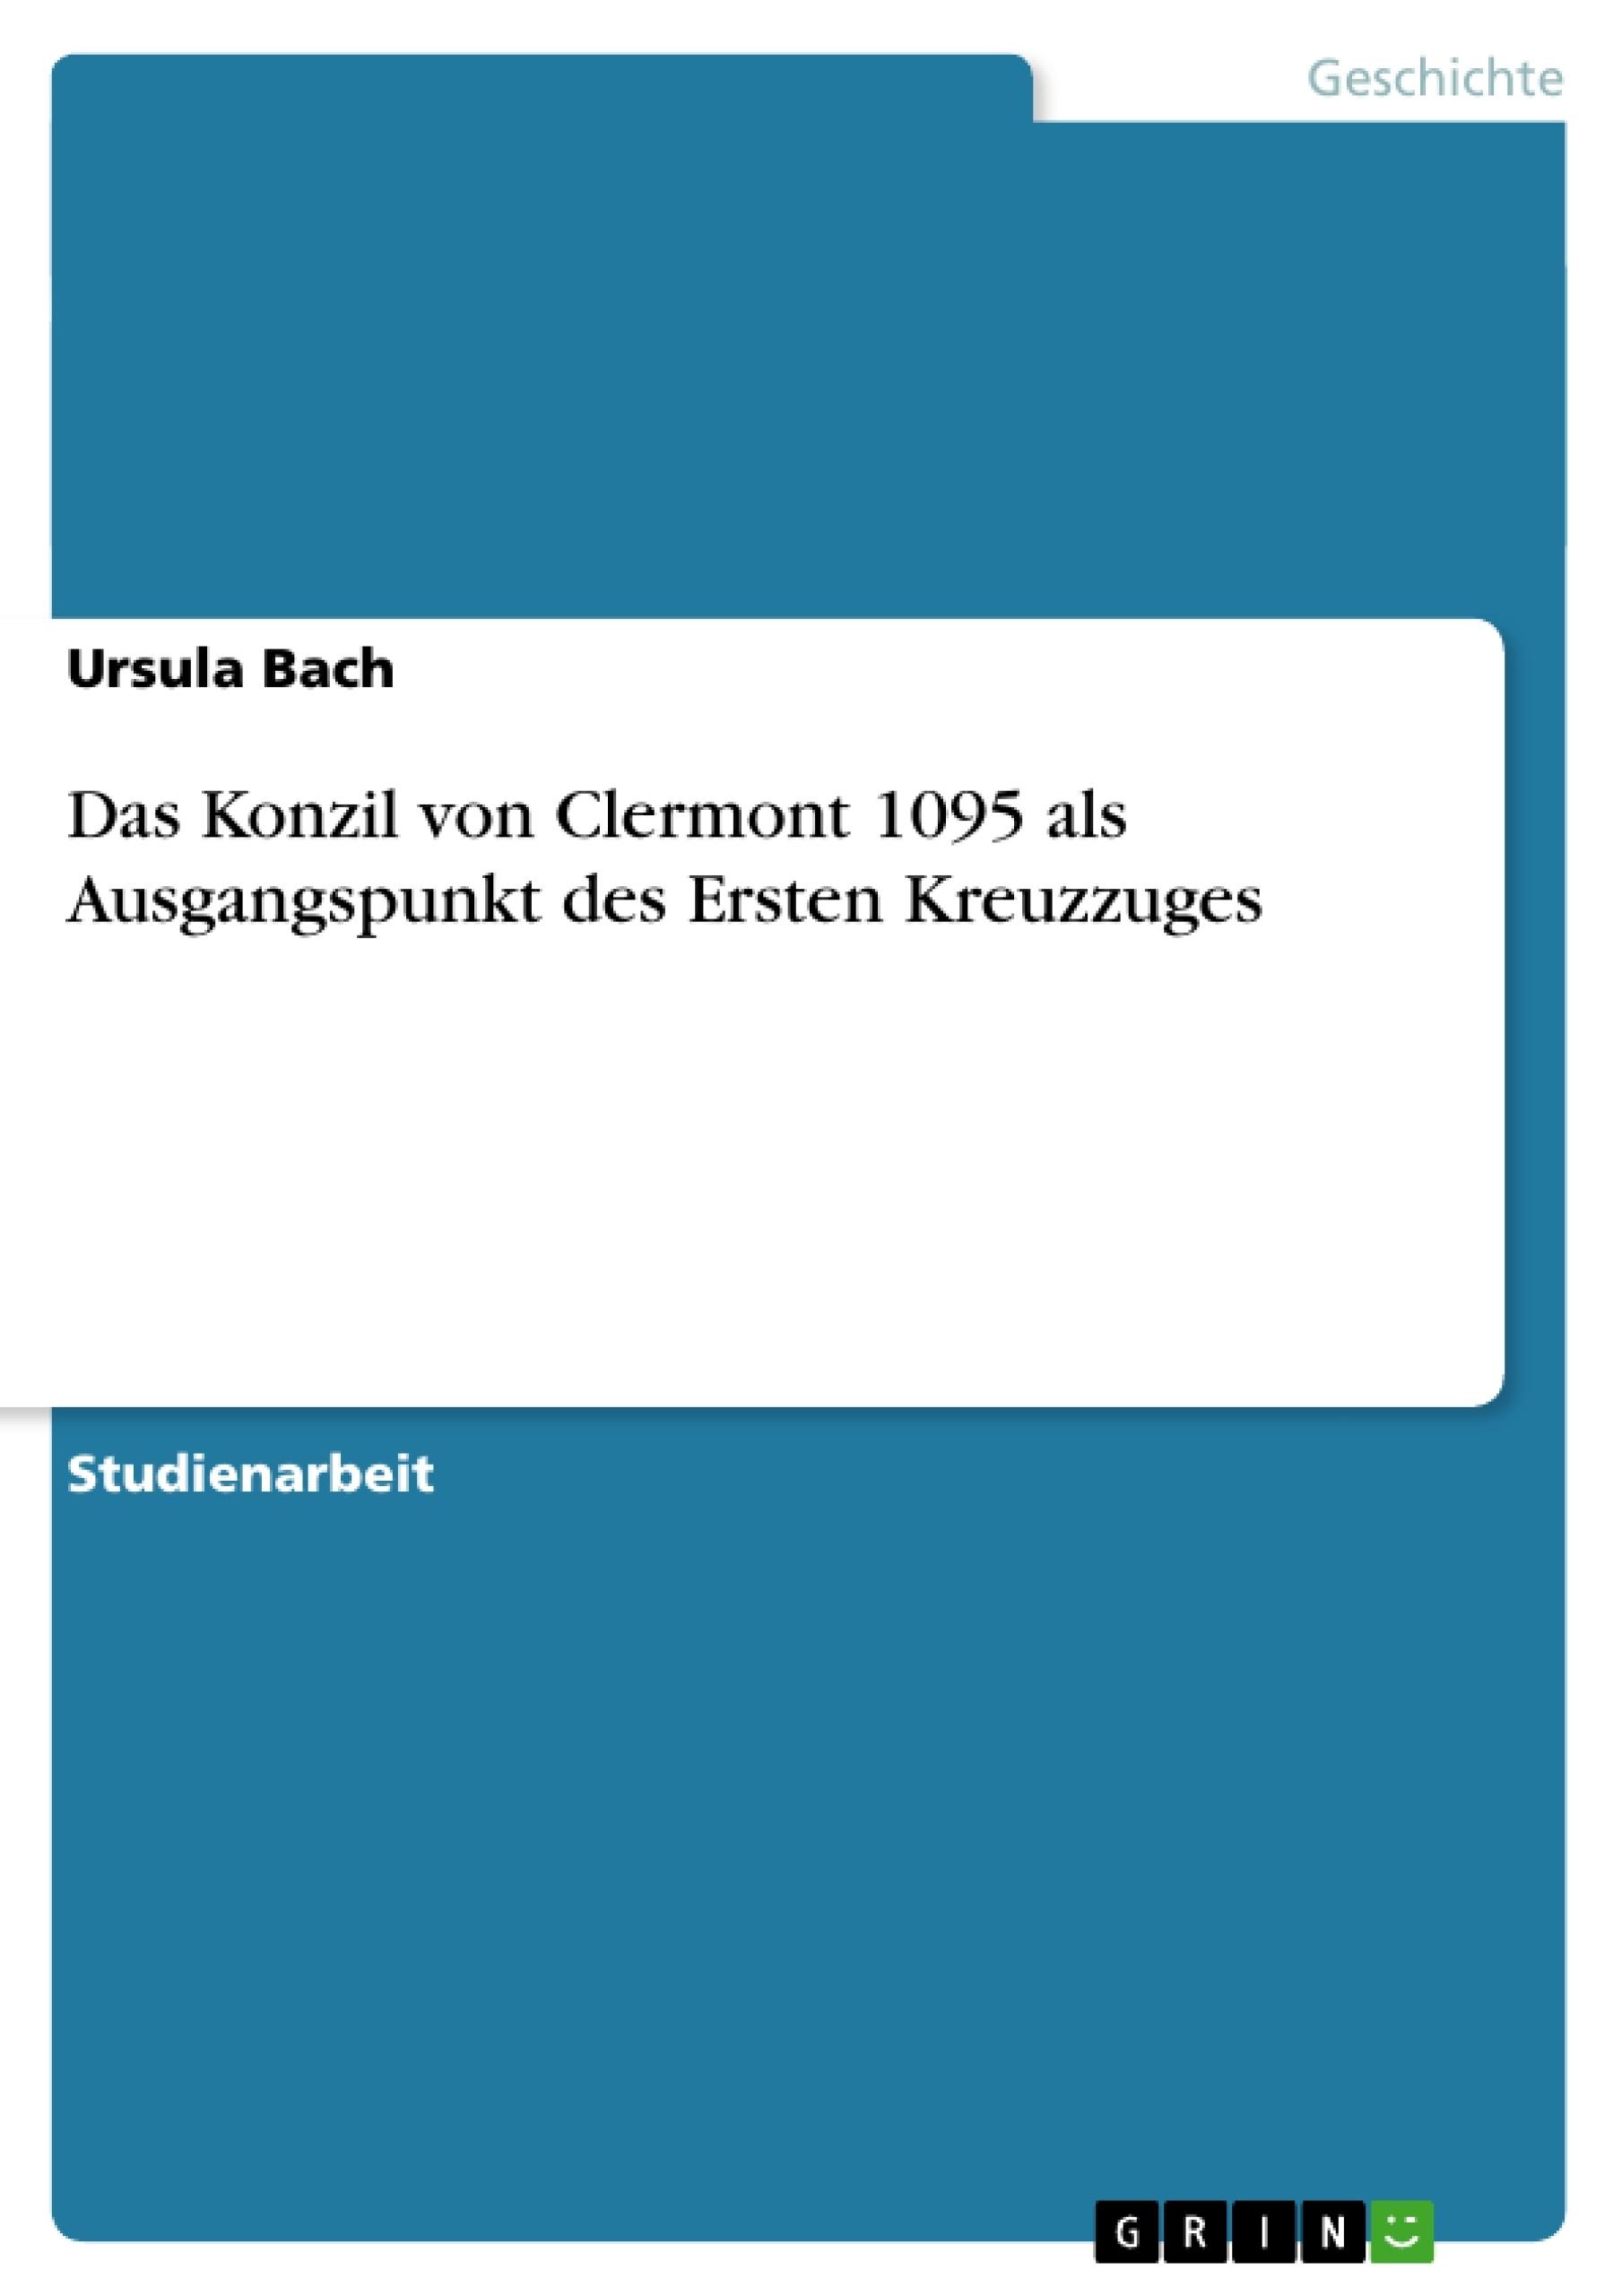 Titel: Das Konzil von Clermont 1095 als Ausgangspunkt des Ersten Kreuzzuges